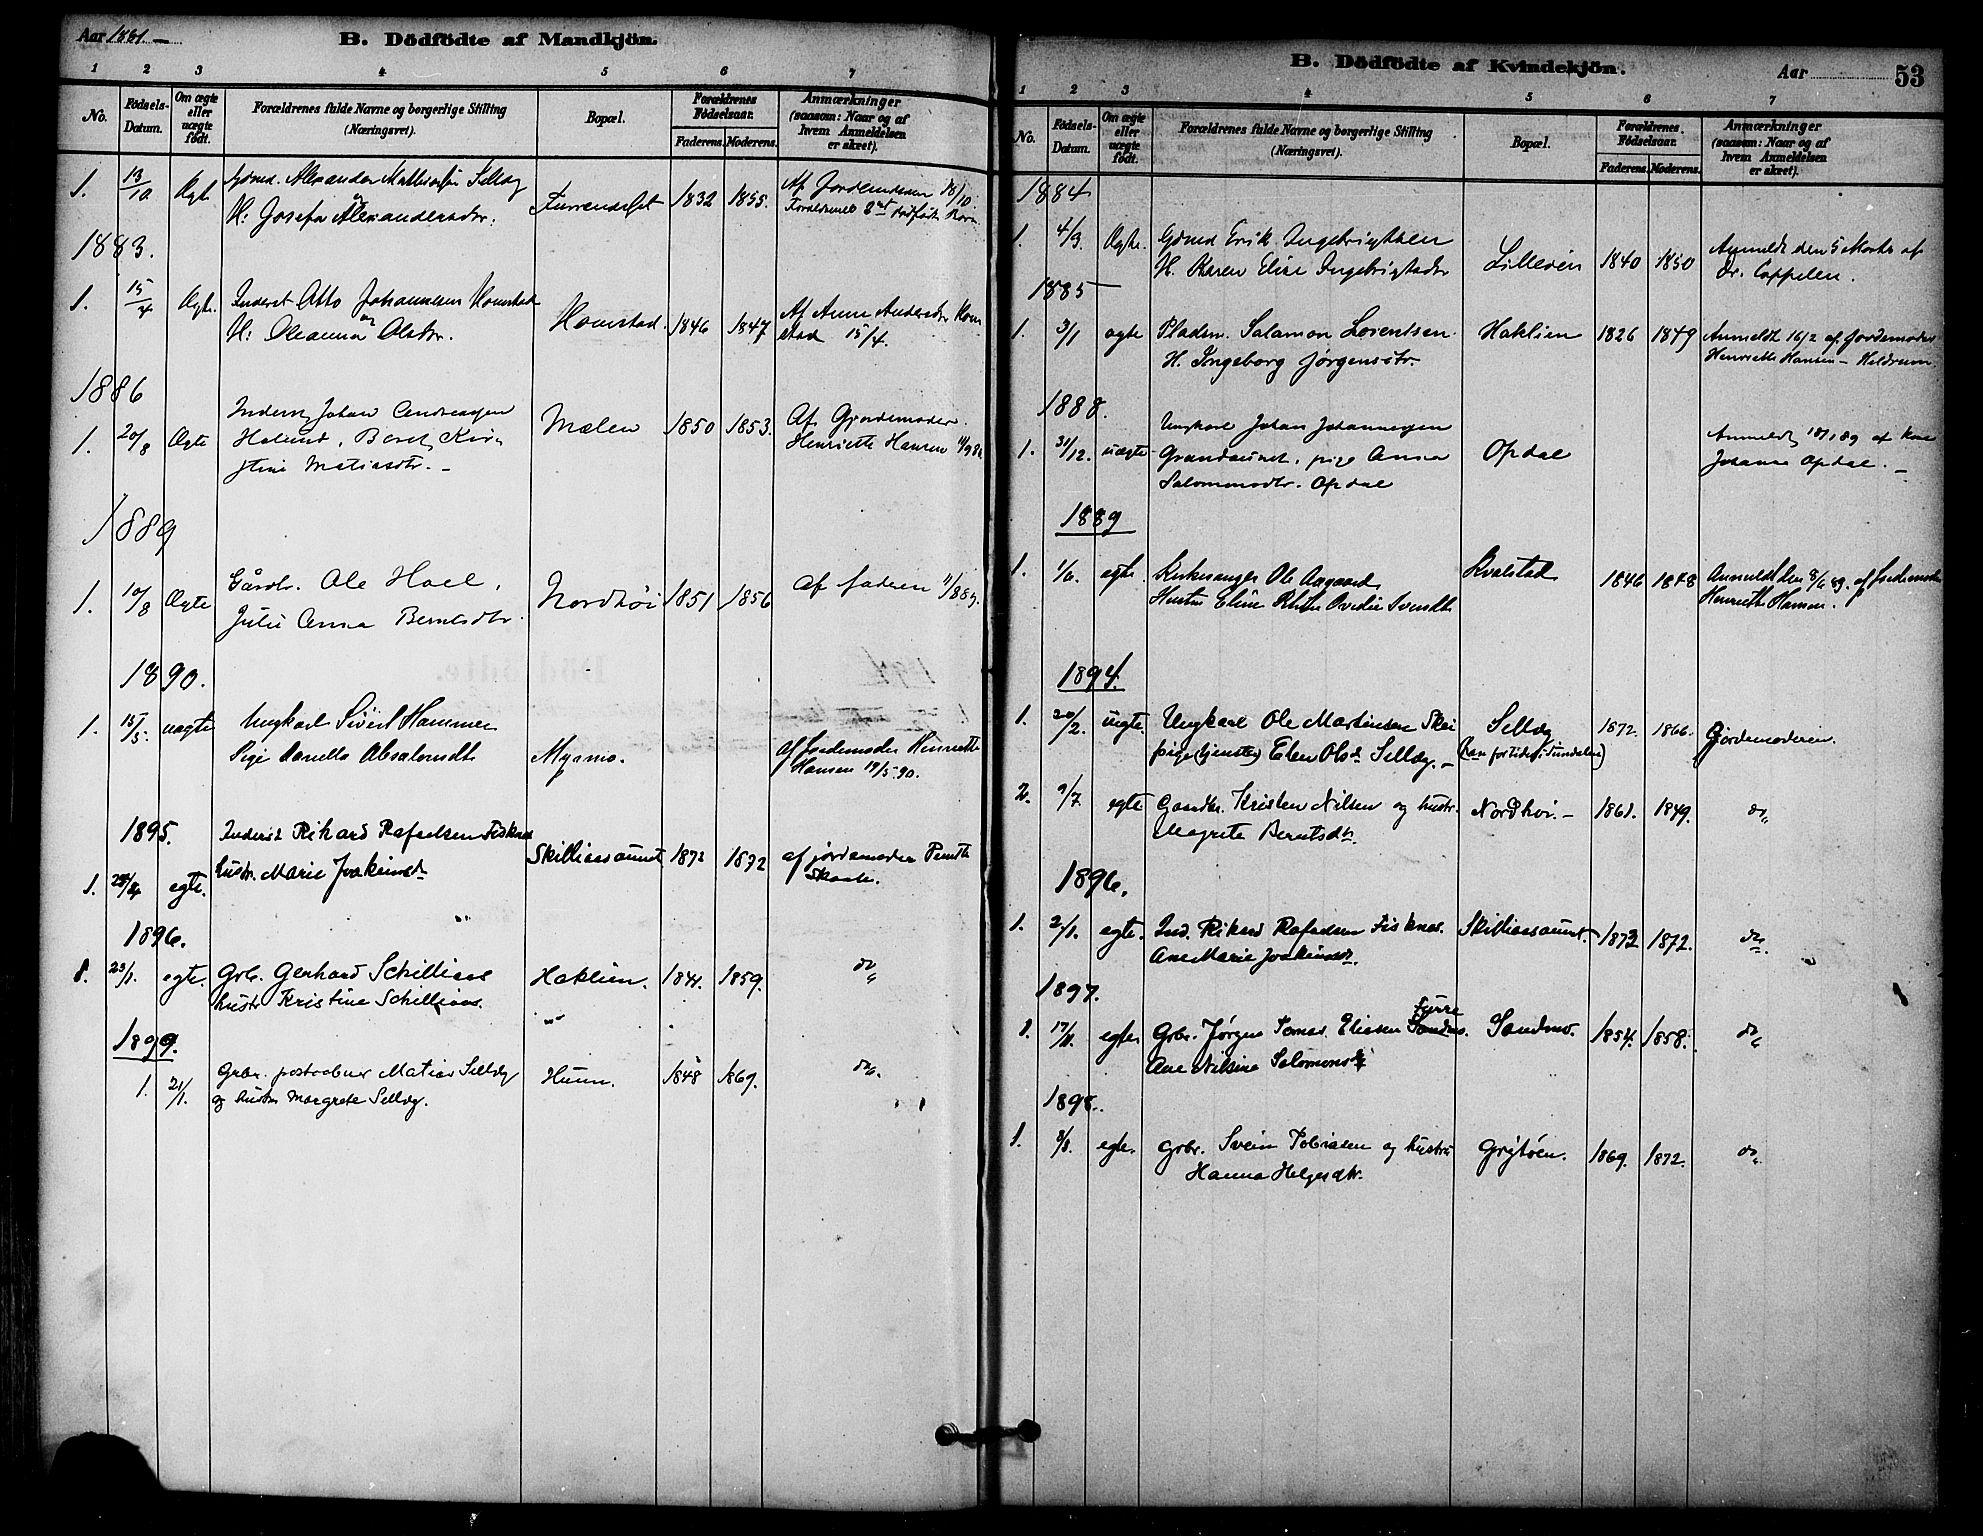 SAT, Ministerialprotokoller, klokkerbøker og fødselsregistre - Nord-Trøndelag, 766/L0563: Ministerialbok nr. 767A01, 1881-1899, s. 53